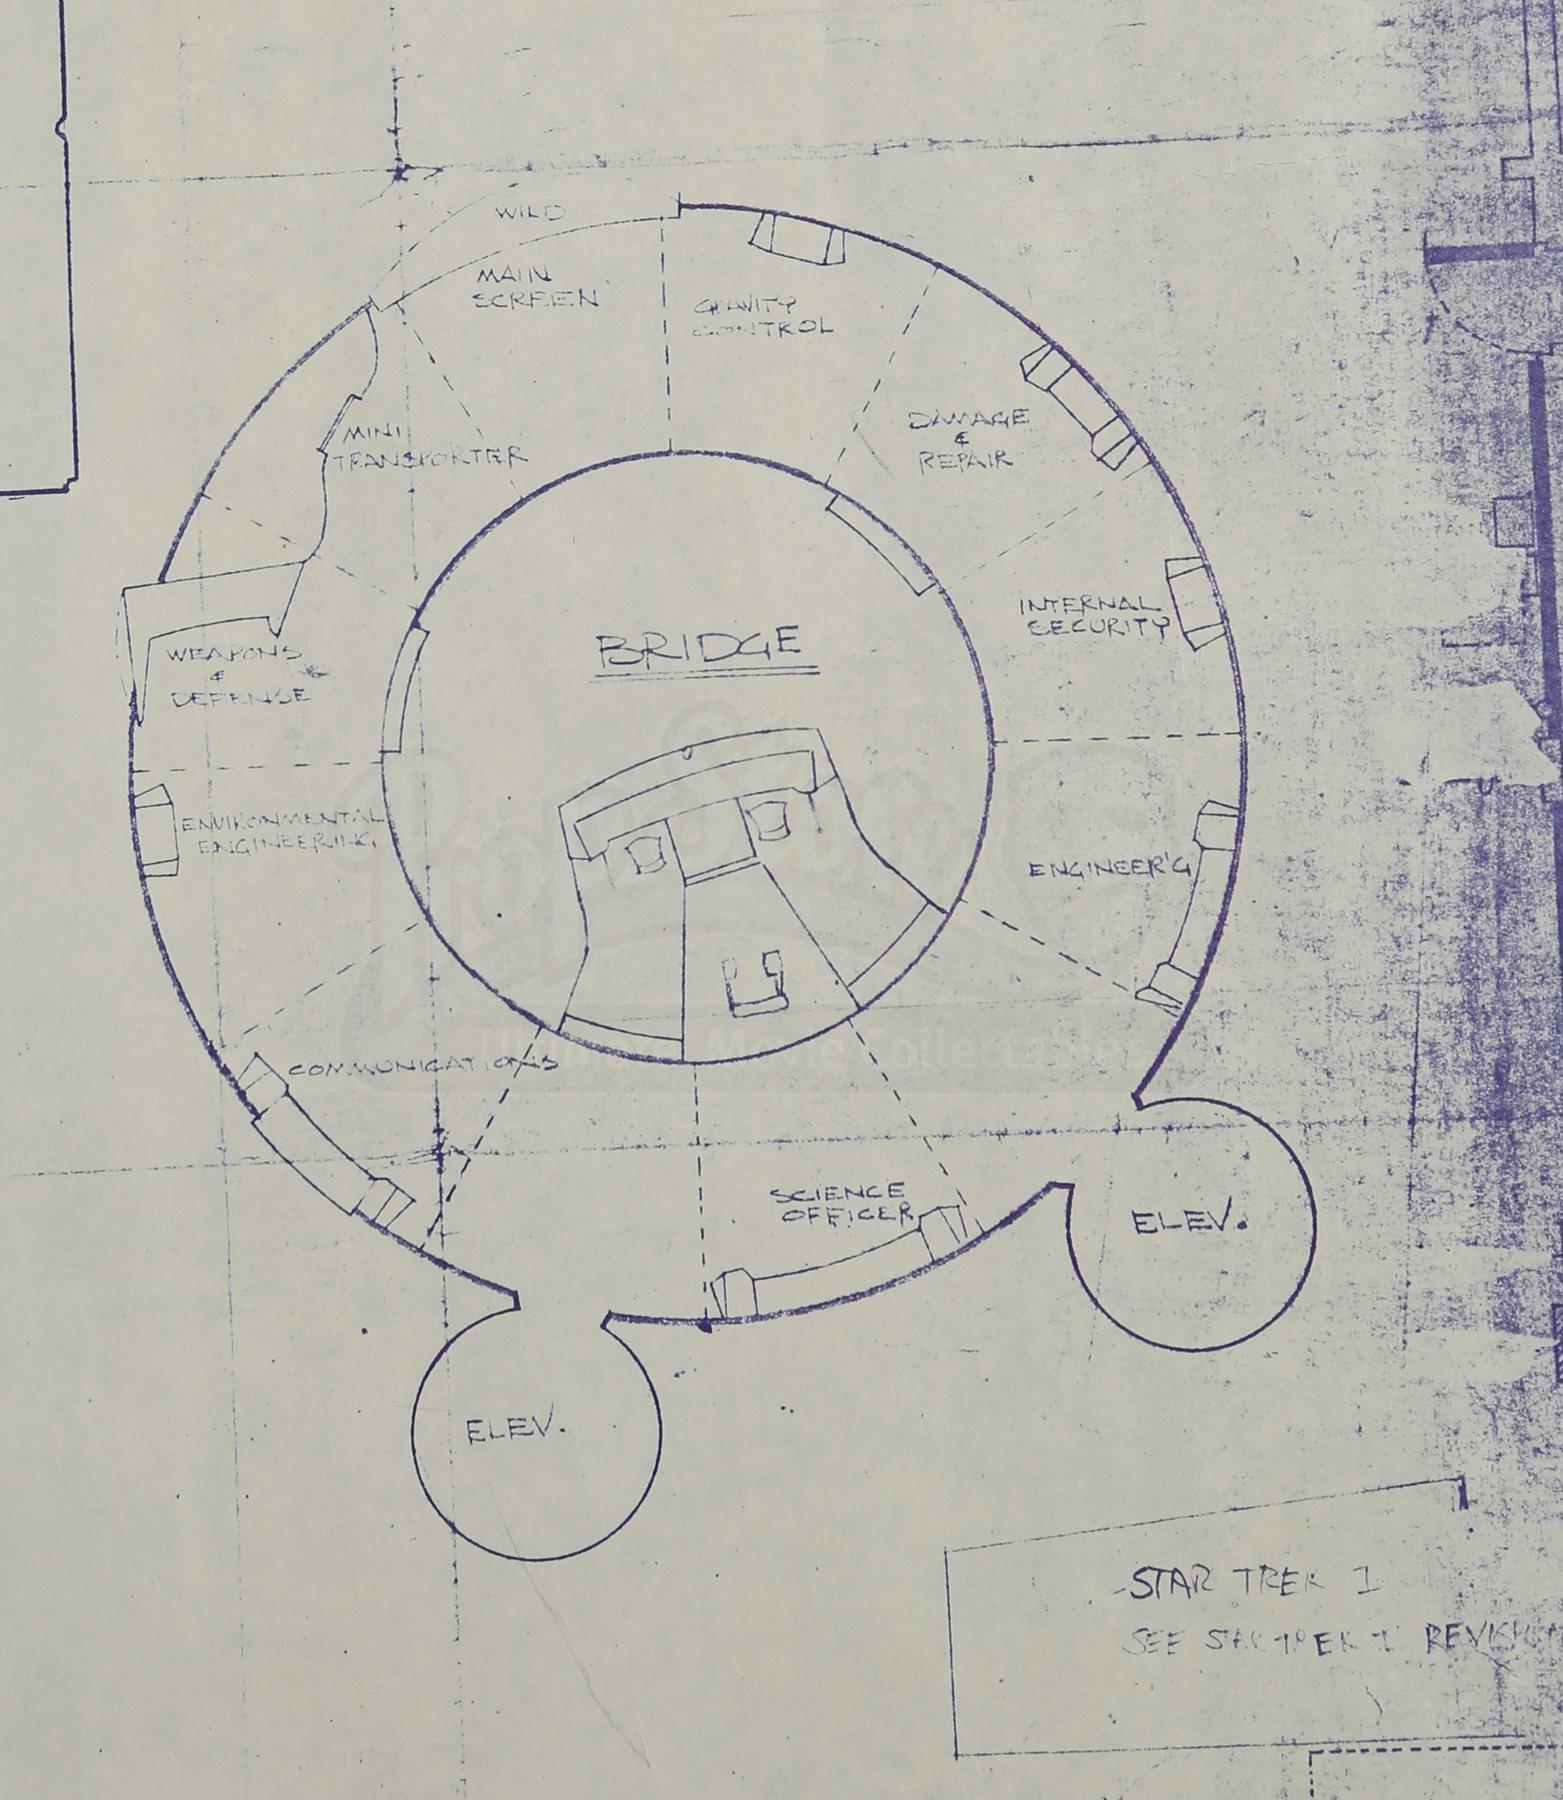 Star trek the motion picture uss enterprise ncc 1701 set for Blueprint cost